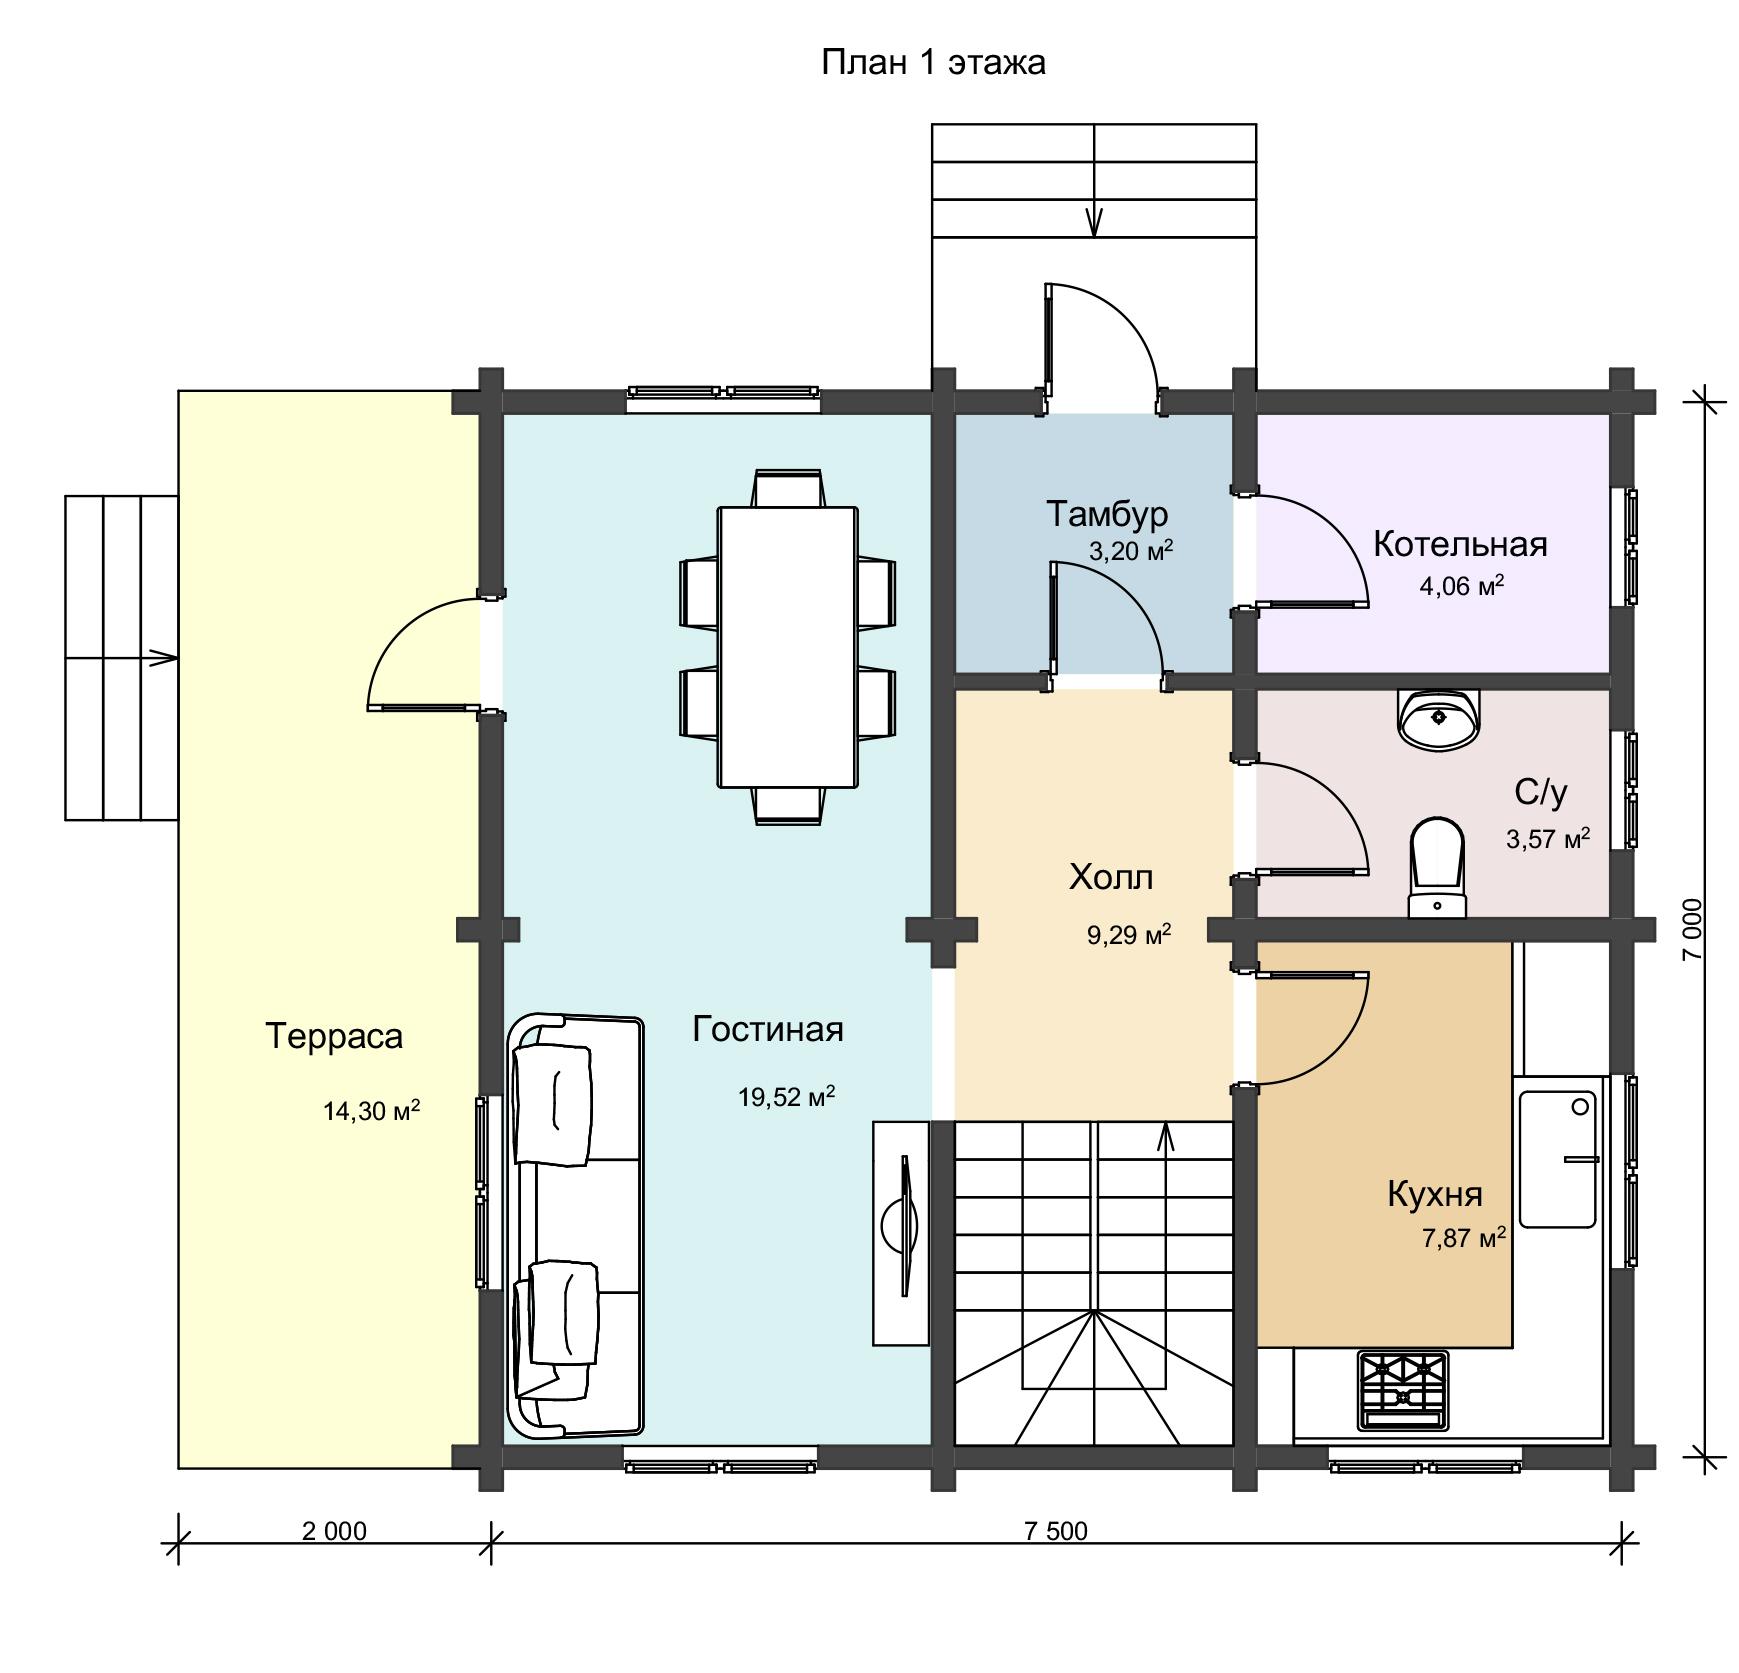 План 1 этажа двухэтажного деревянного дома из профилированного бруса